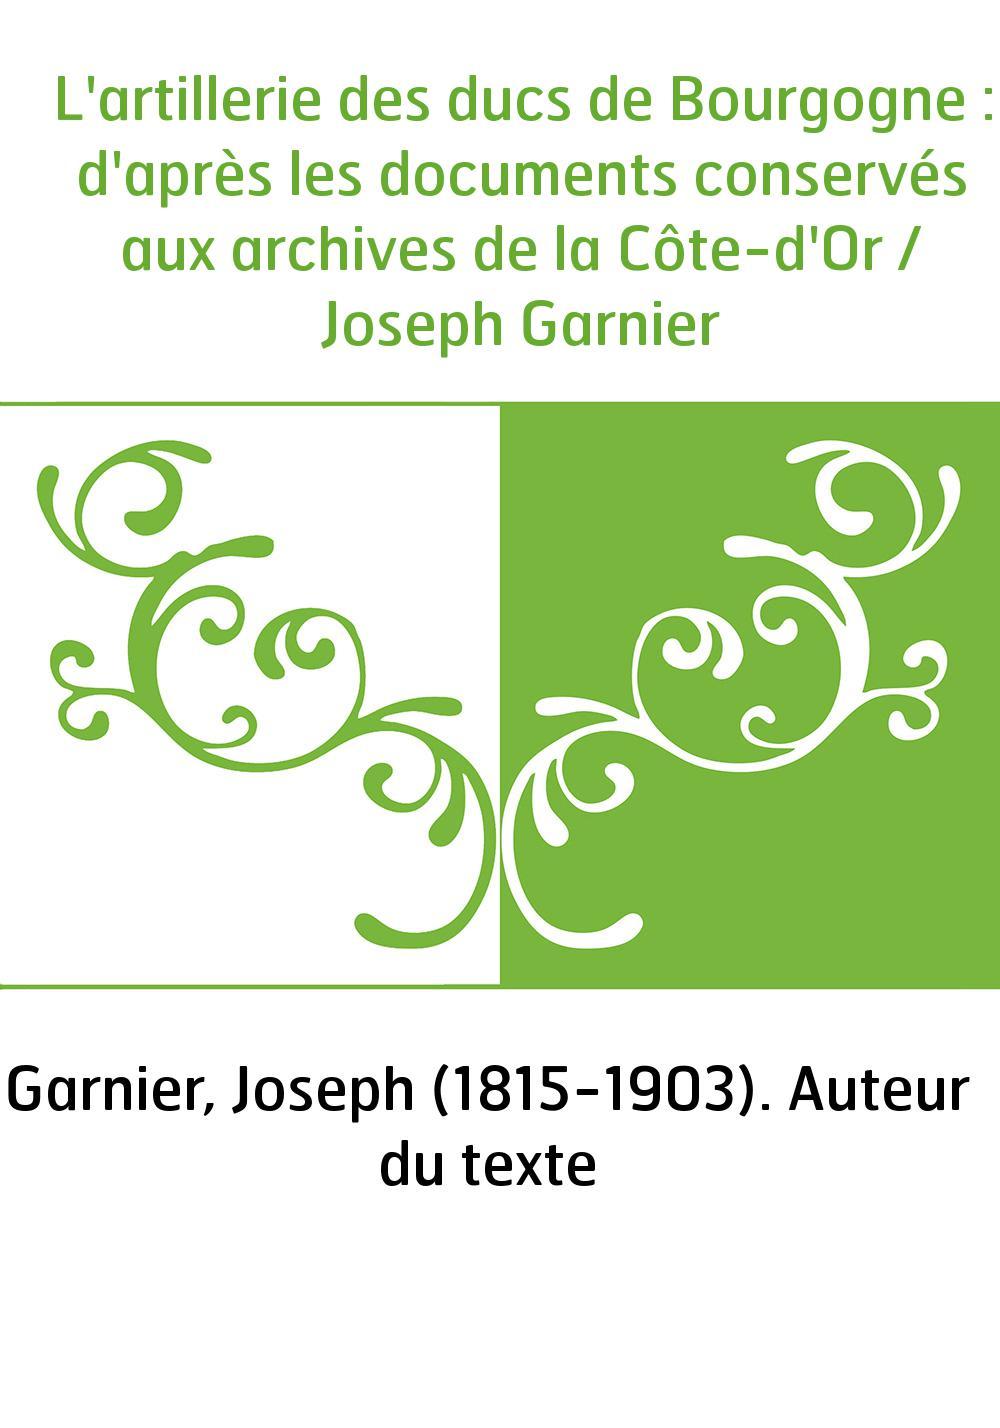 L'artillerie des ducs de Bourgogne : d'après les documents conservés aux archives de la Côte-d'Or / Joseph Garnier